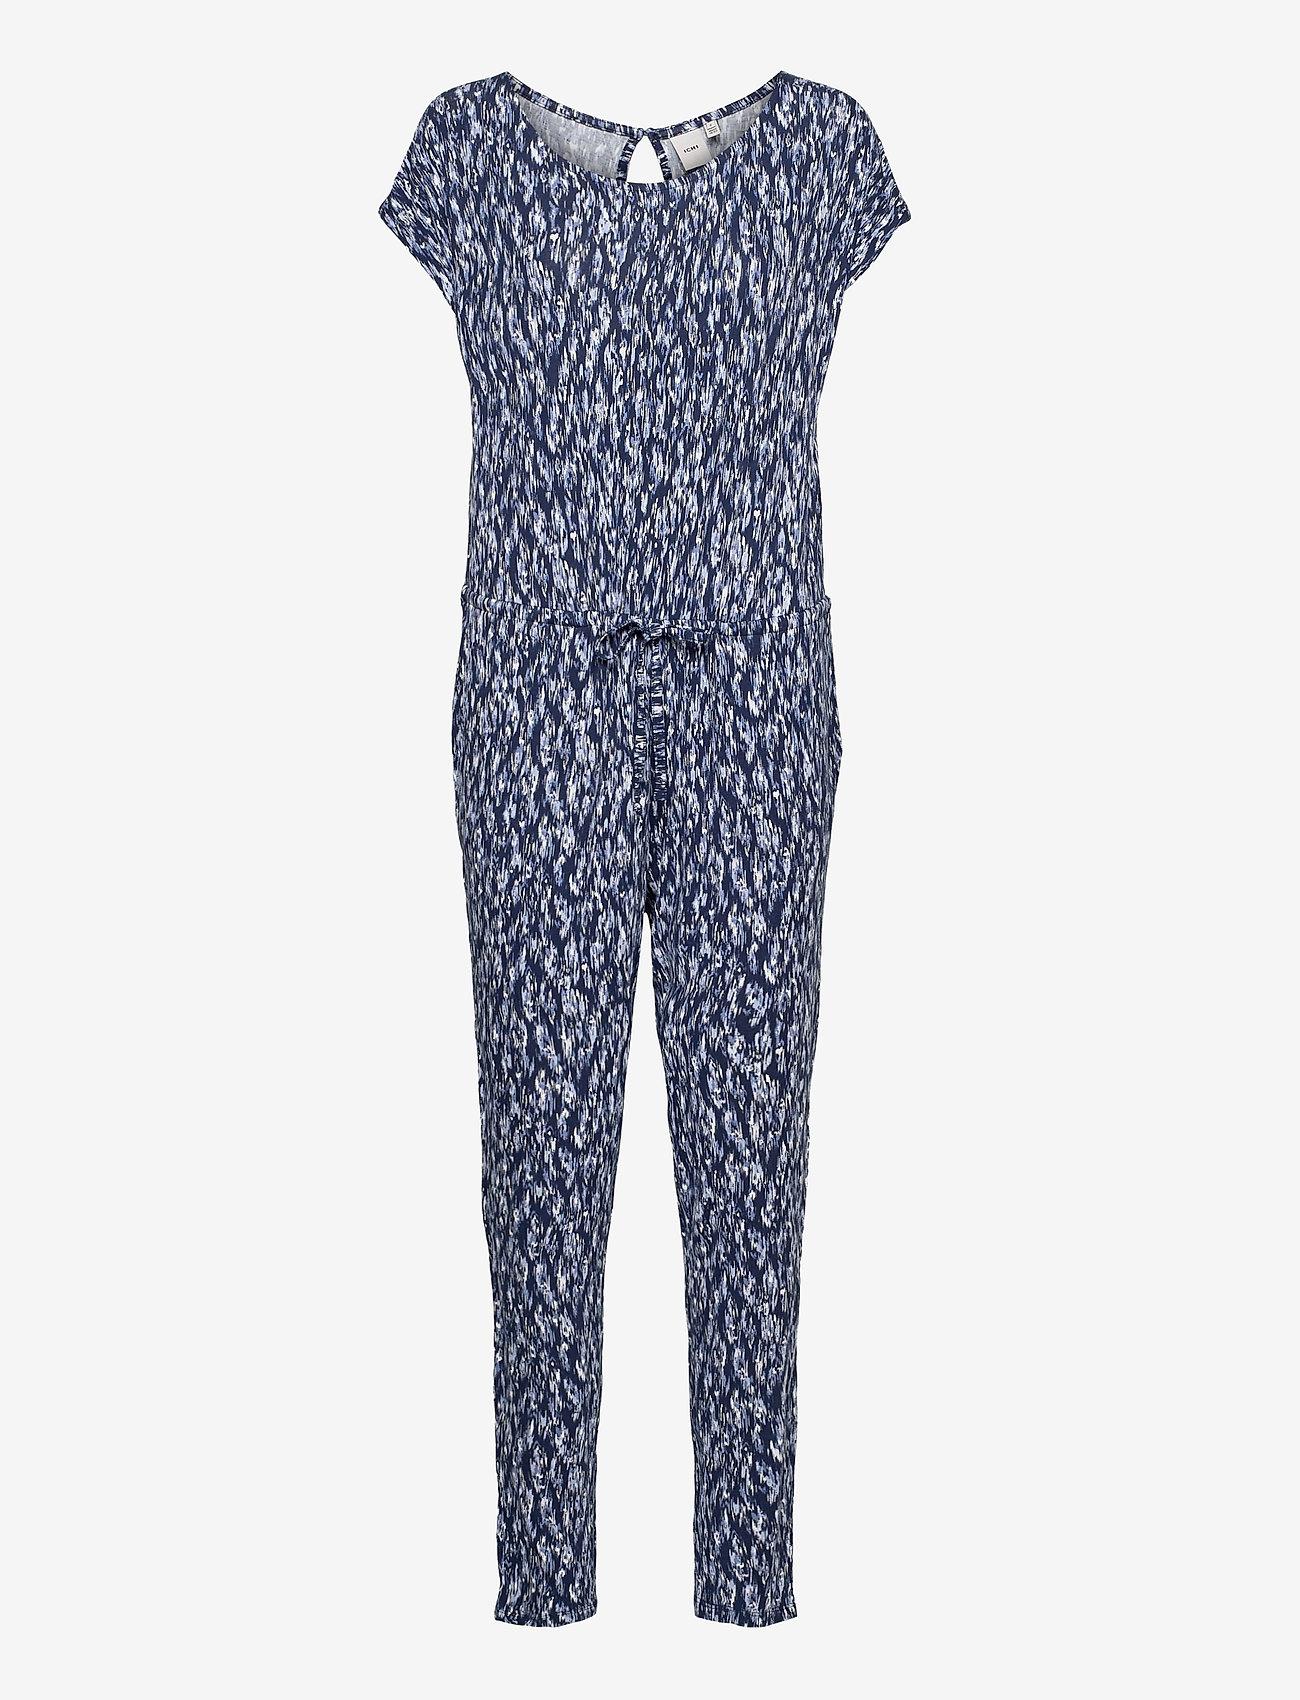 ICHI - IHLISA JS2 - clothing - cashmere blue - 0